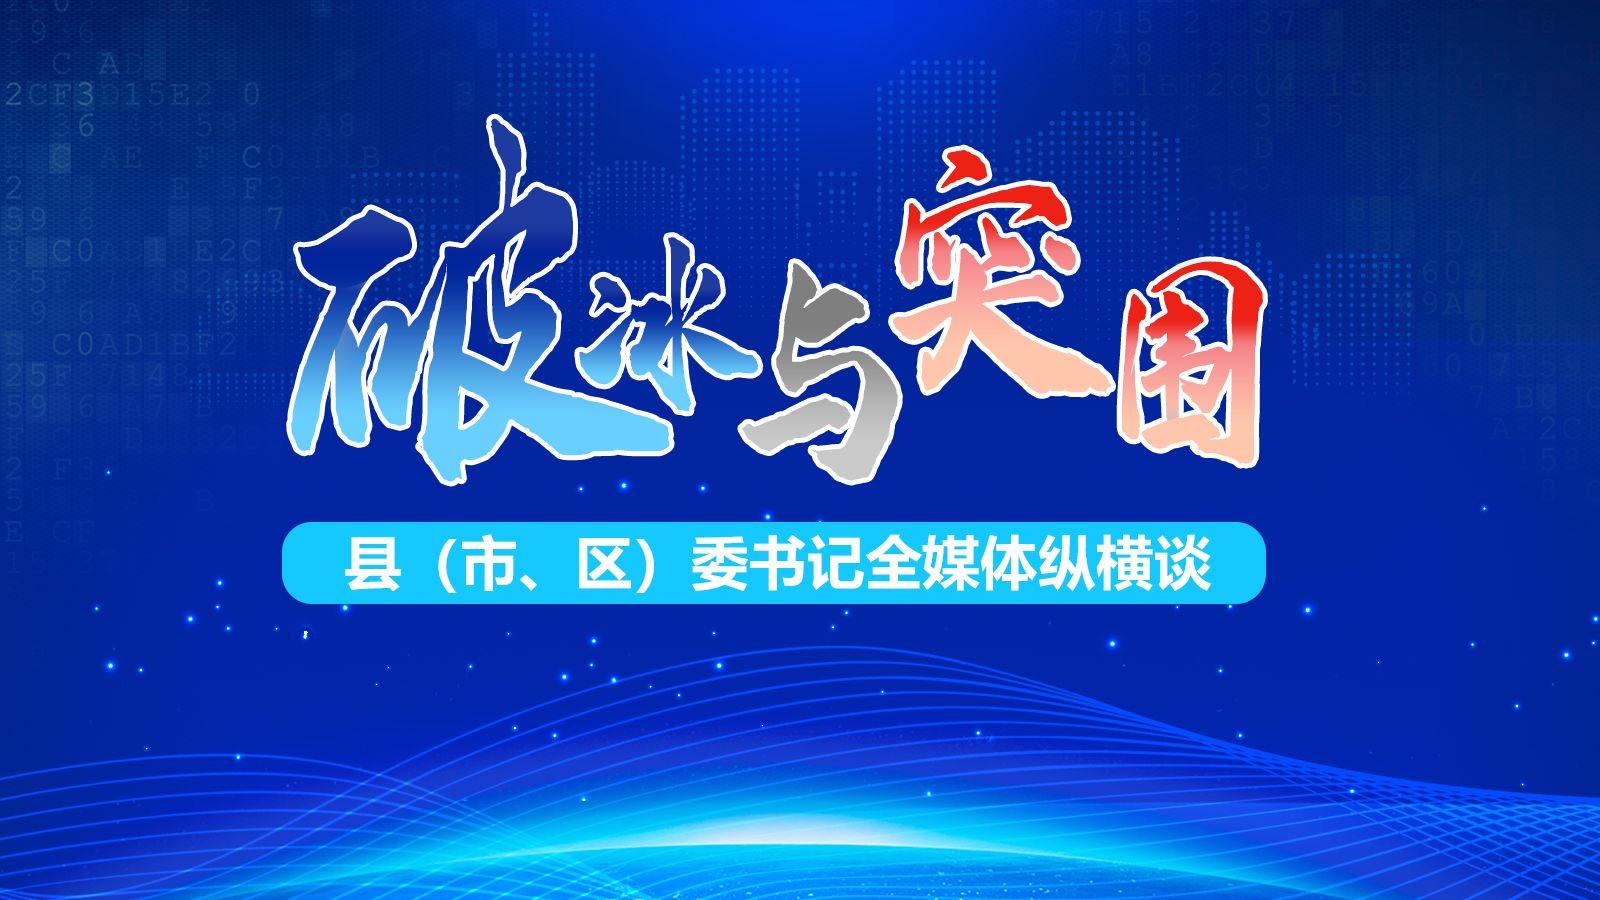 破piao)yu)突圍?縣(市、區)委(wei)書(shu)記(ji)縱(zong)橫談